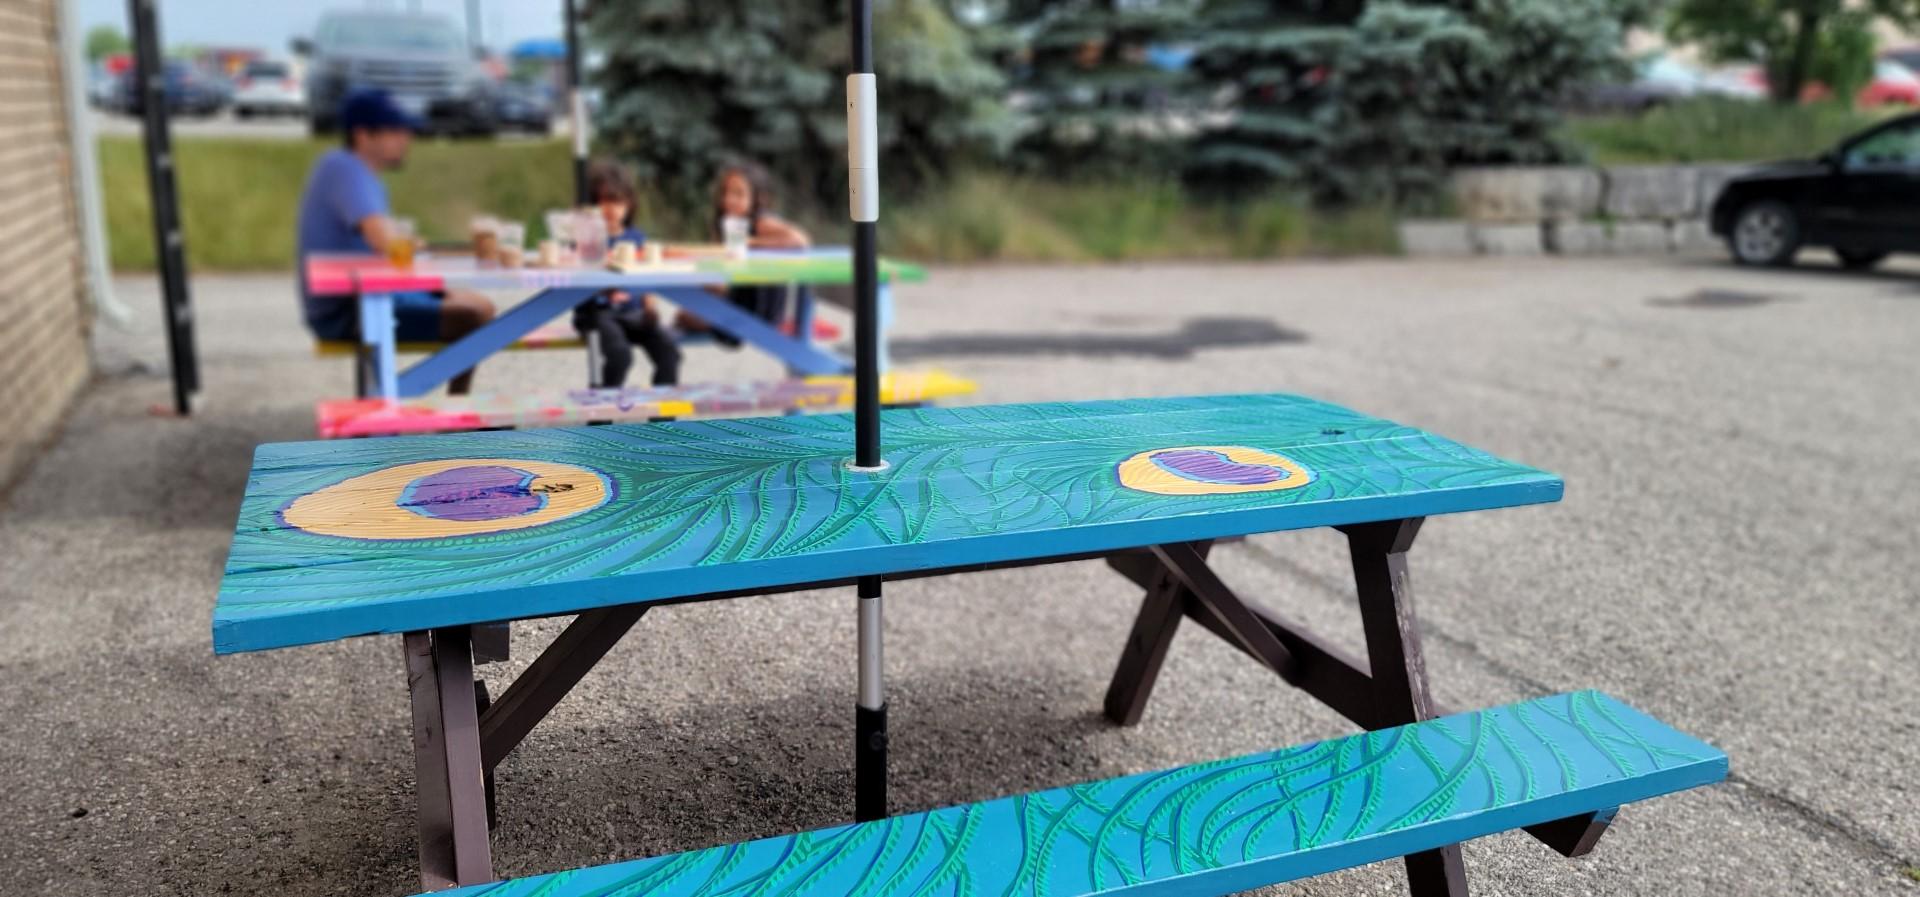 picnic bench at parking lot